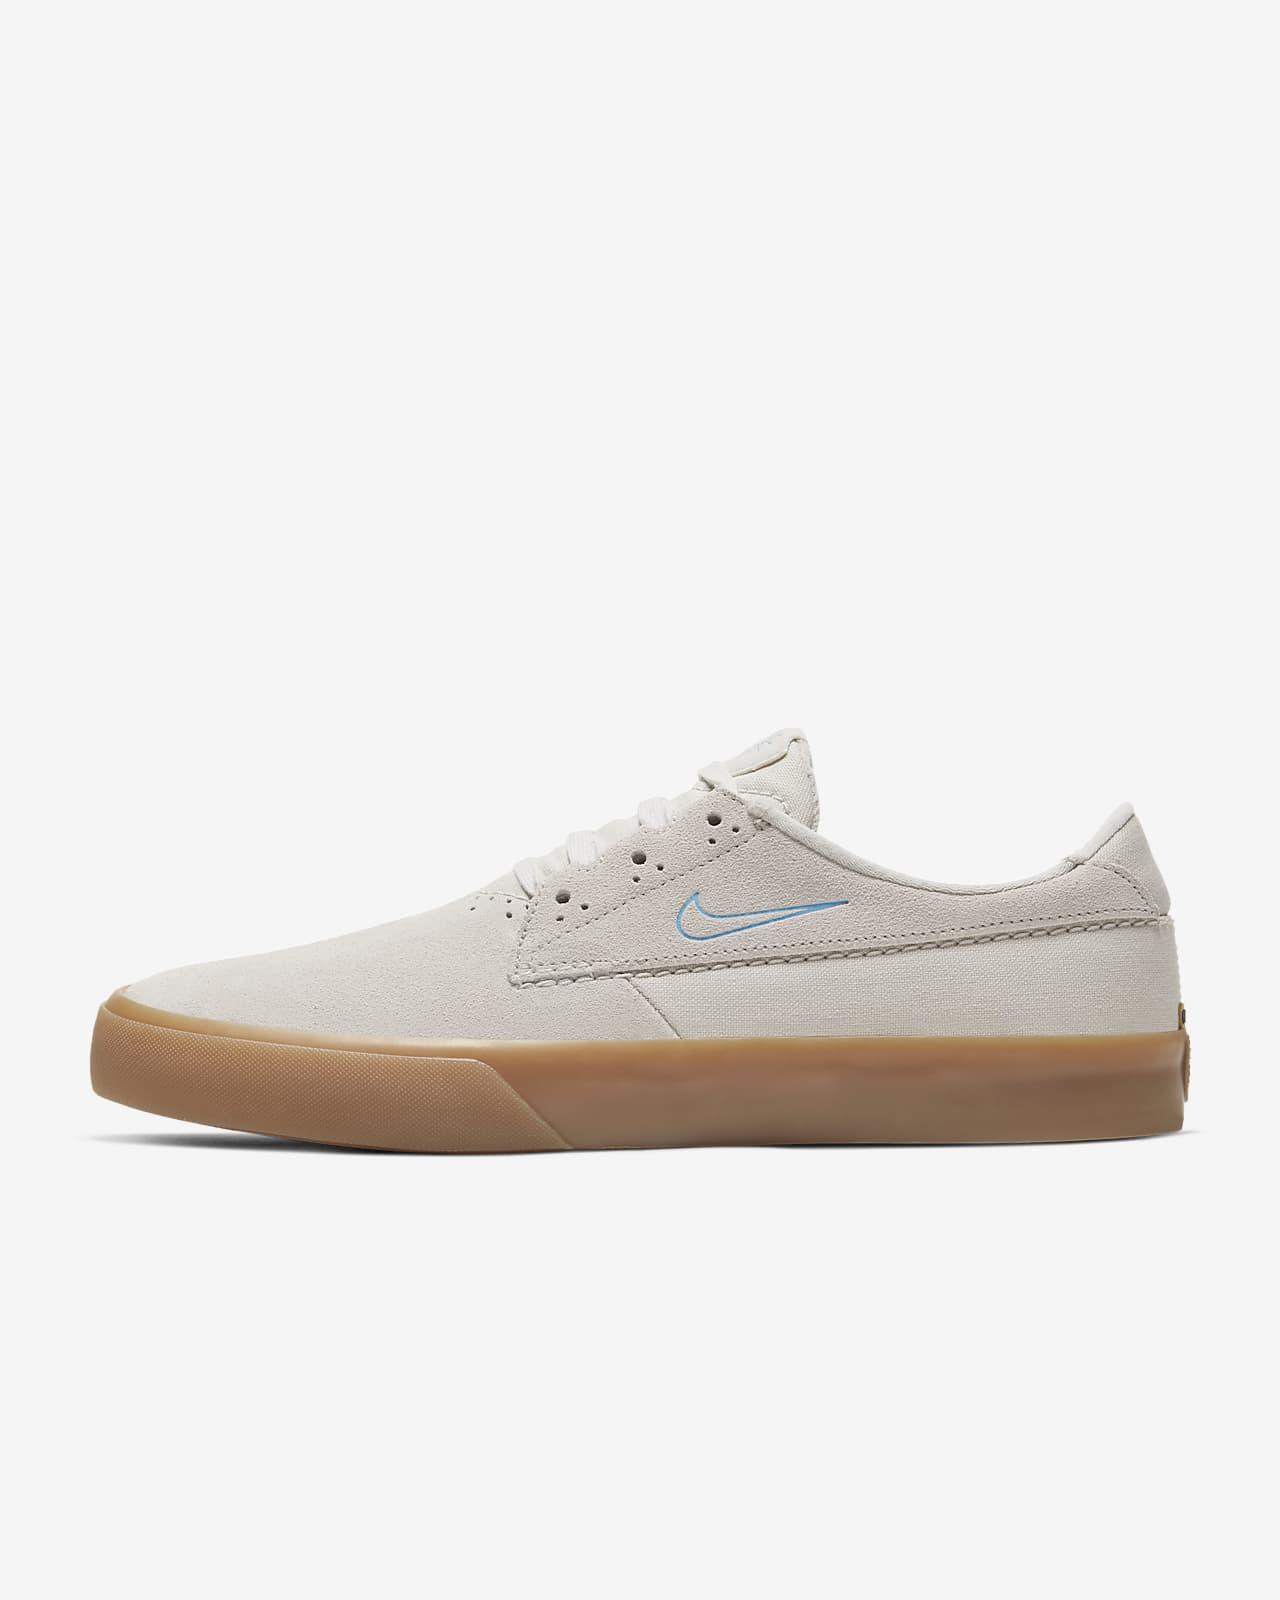 Nike SB Shane Skate Shoe. Nike FI